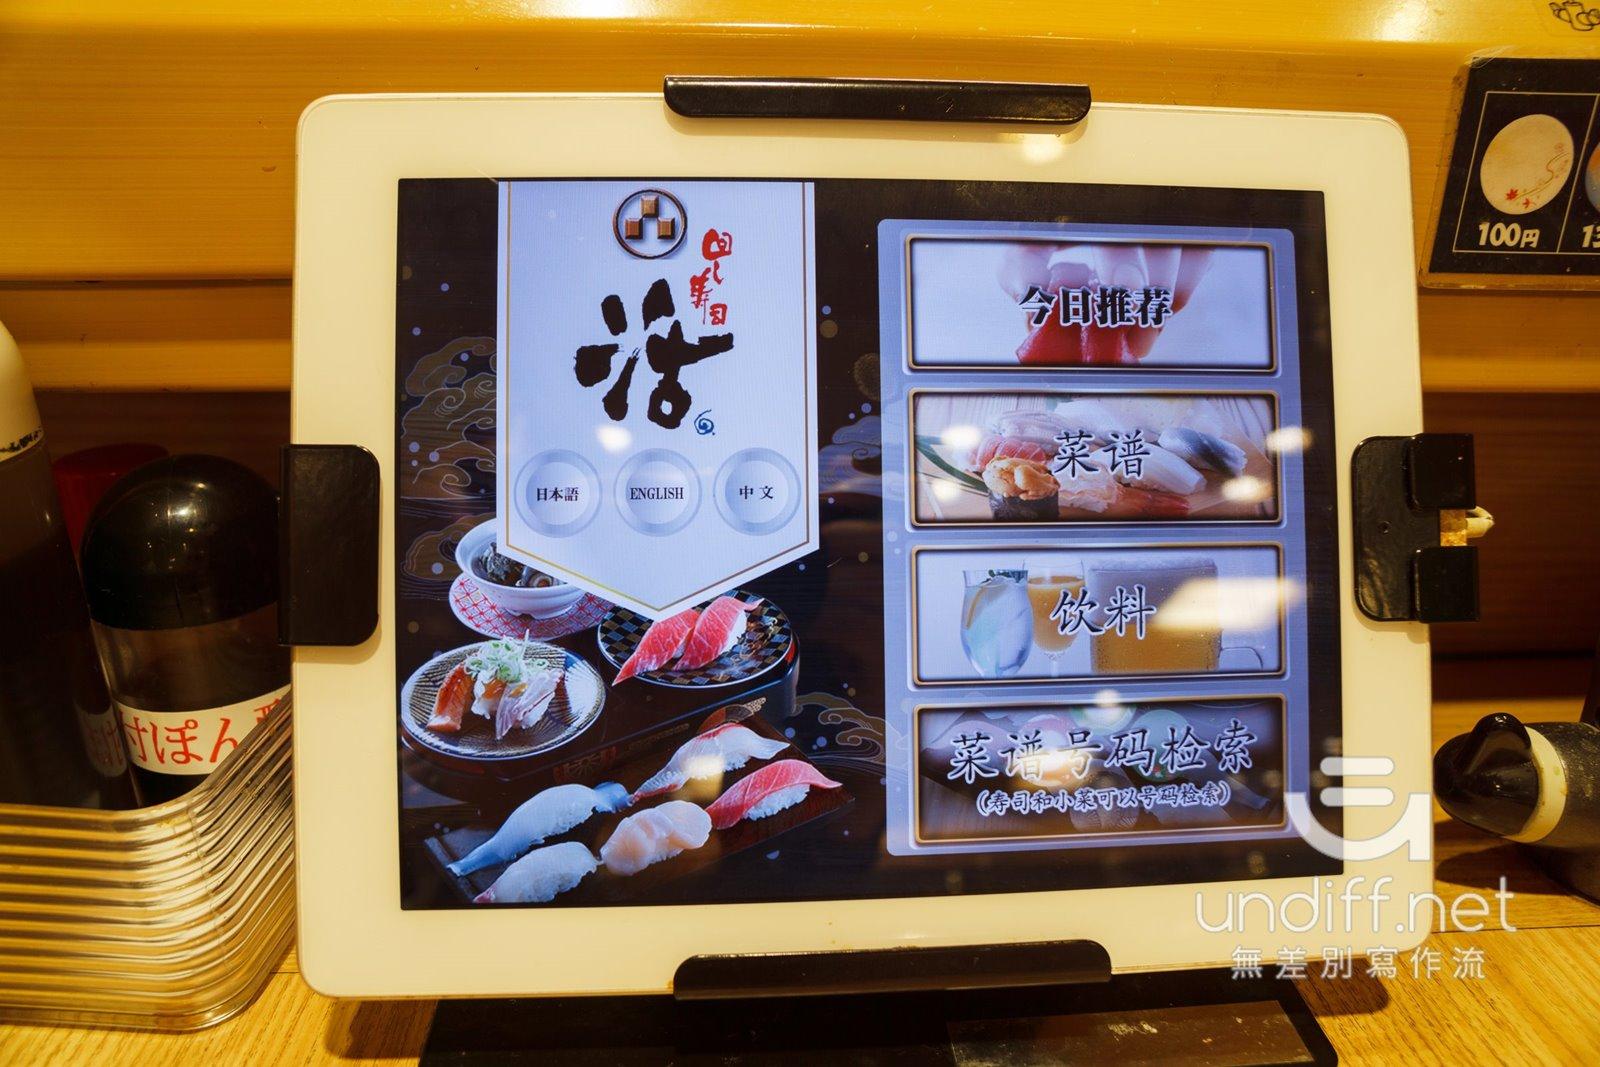 【東京美食】澀谷 回し寿司 活.美登利 西武澀谷店 》超值新鮮又美味的迴轉壽司 34